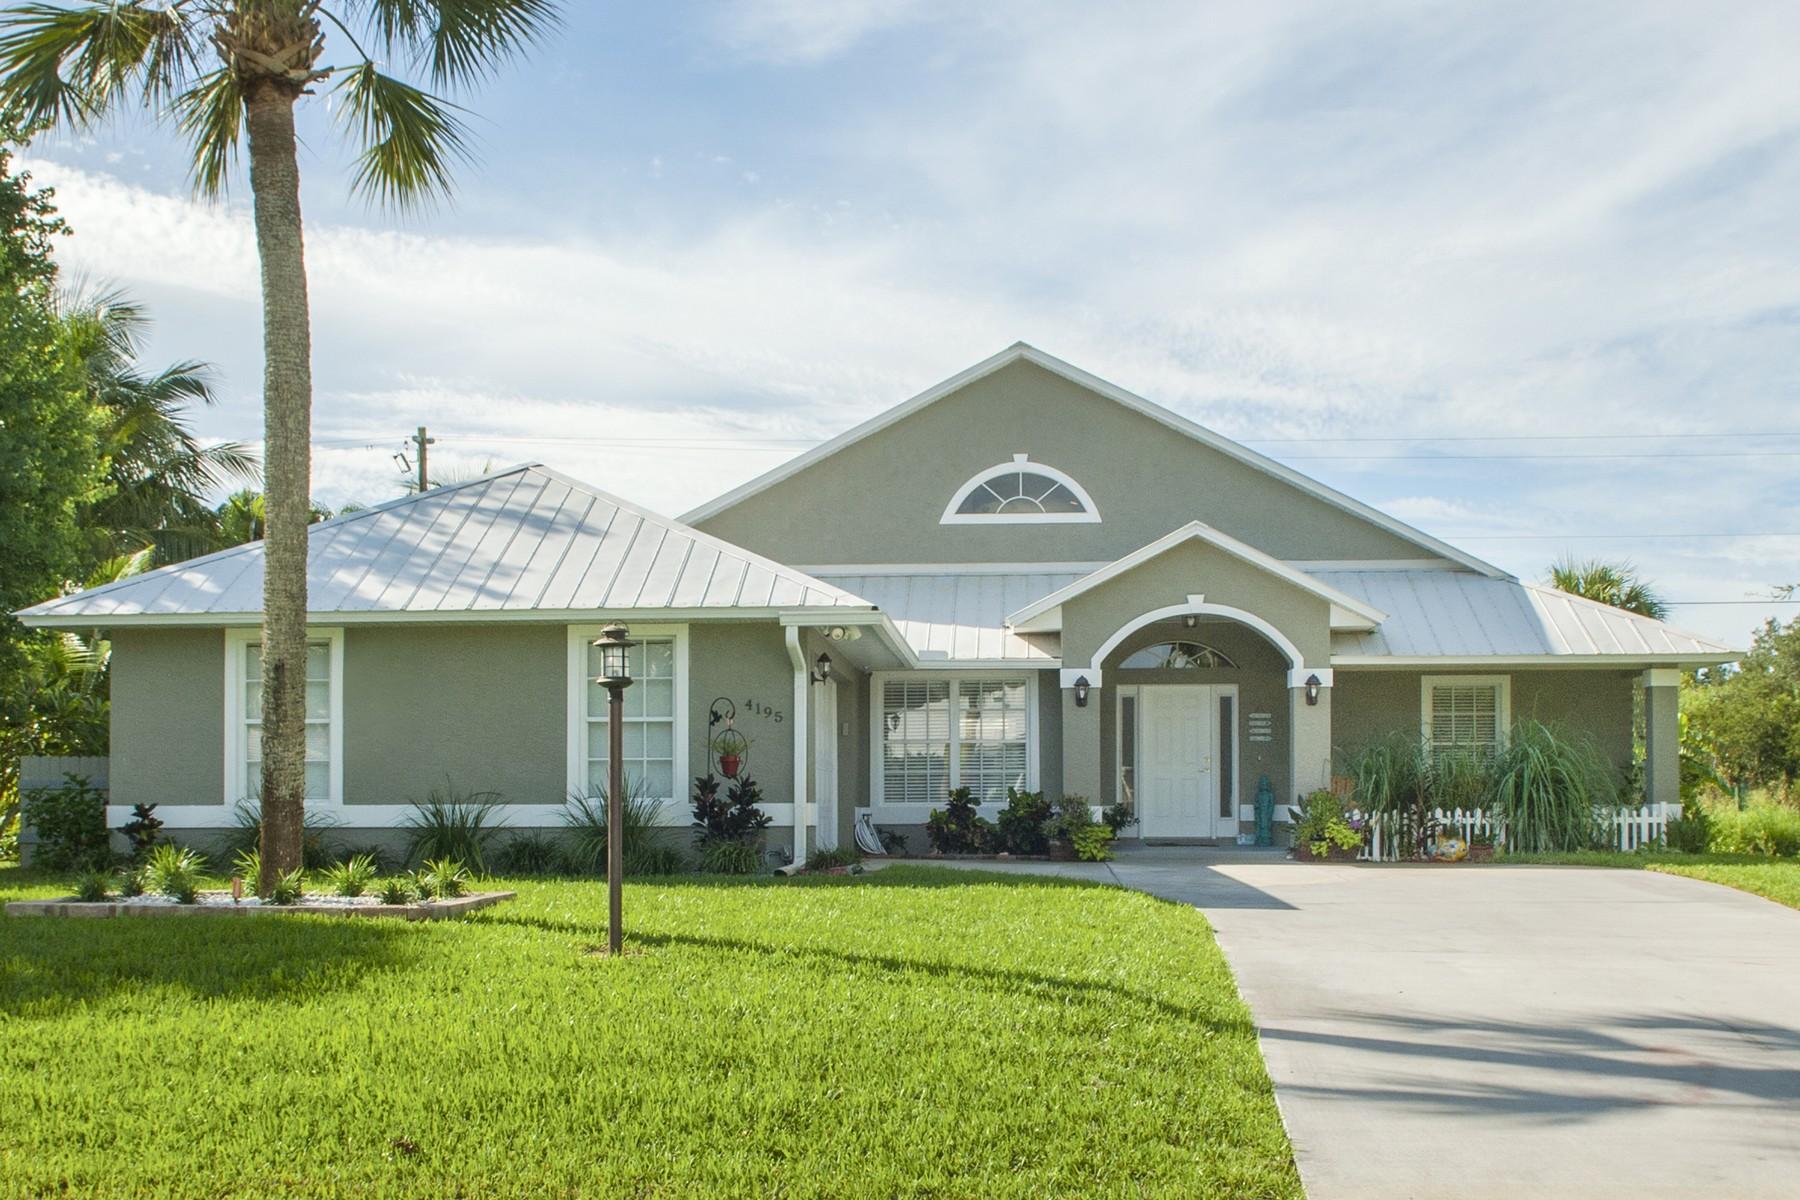 Casa Unifamiliar por un Venta en Sophisticated & Elegant Remodel in Hobart Landing 4195 79th Street Vero Beach, Florida, 32967 Estados Unidos